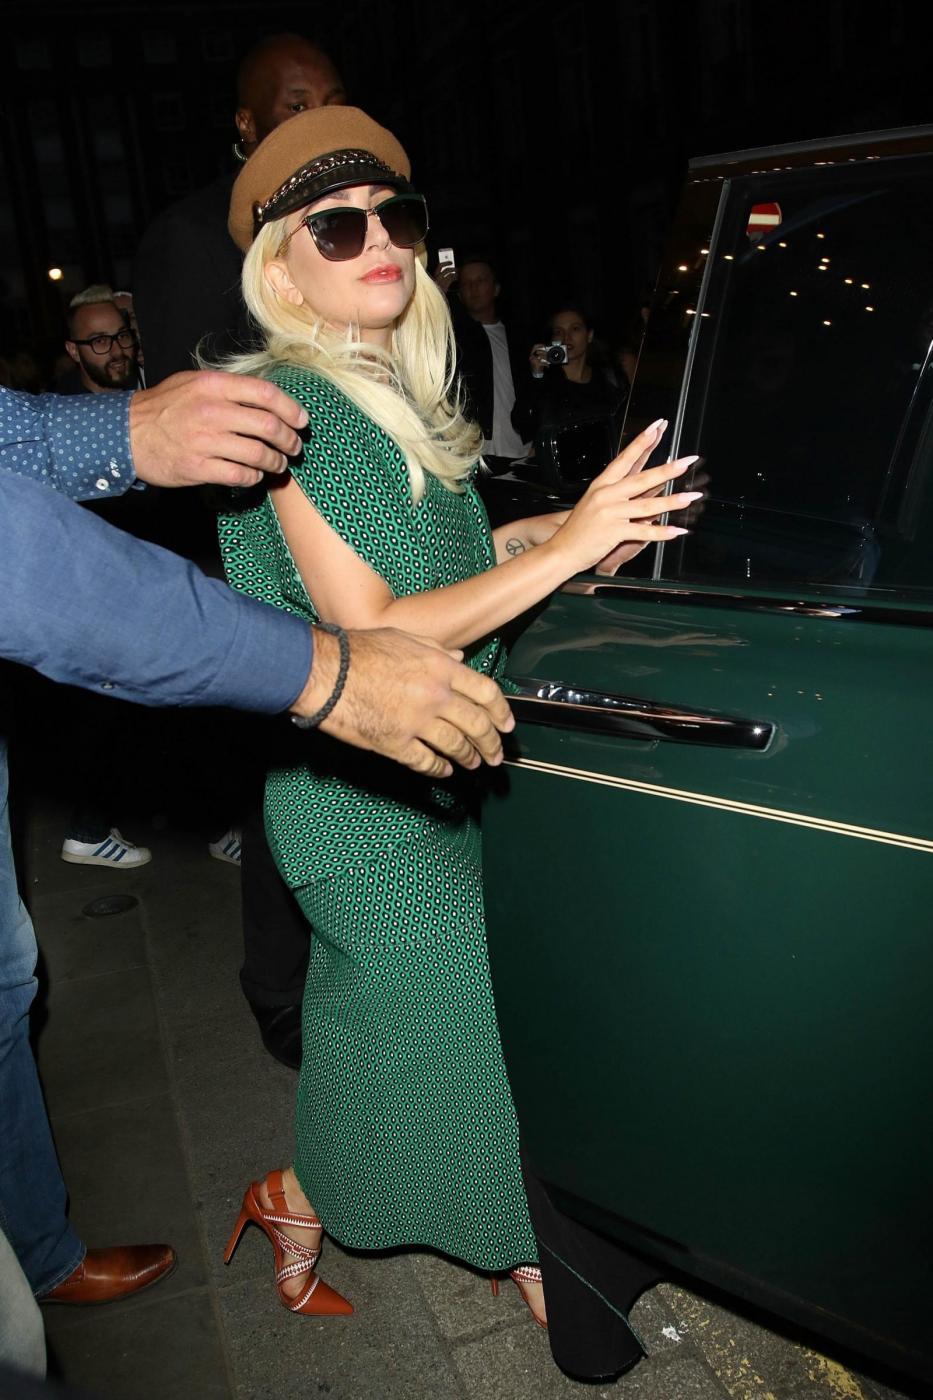 Lady Gaga con un abito verde entra nella sua Rolls Royce a Londra FOTO 1